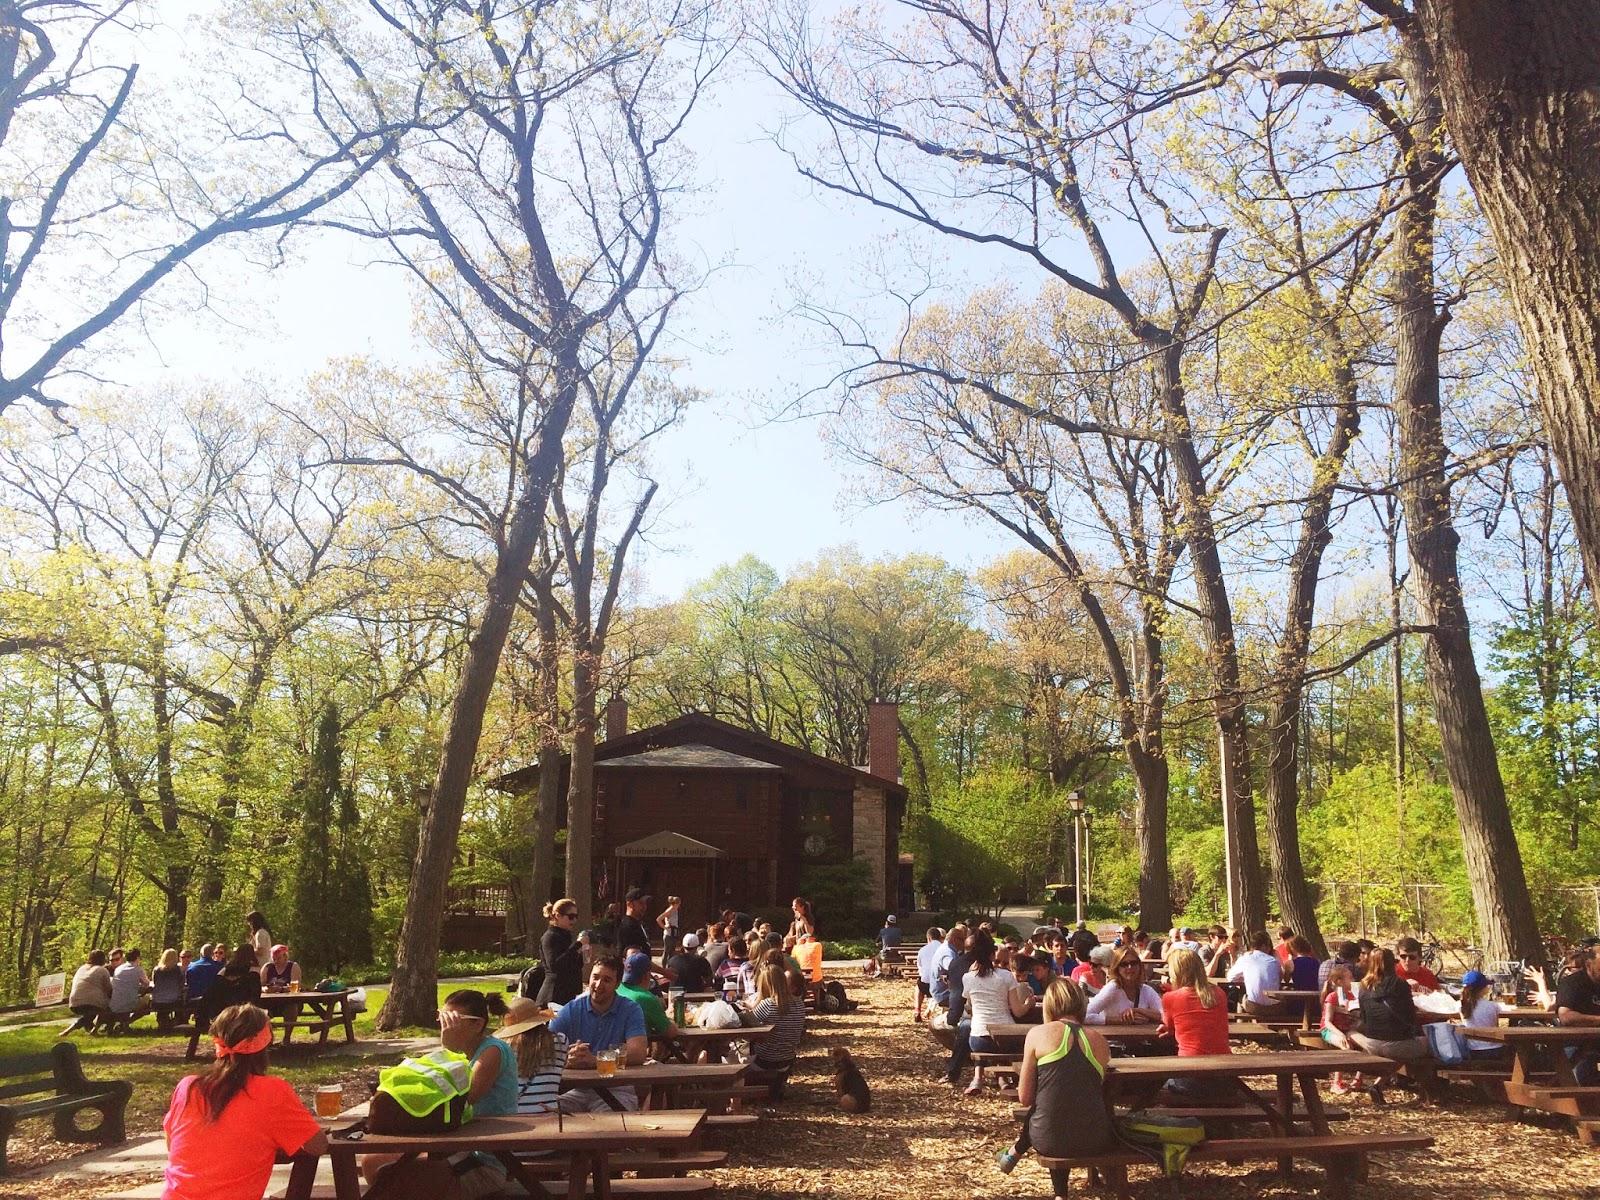 planet kelsey hubbard park beer garden